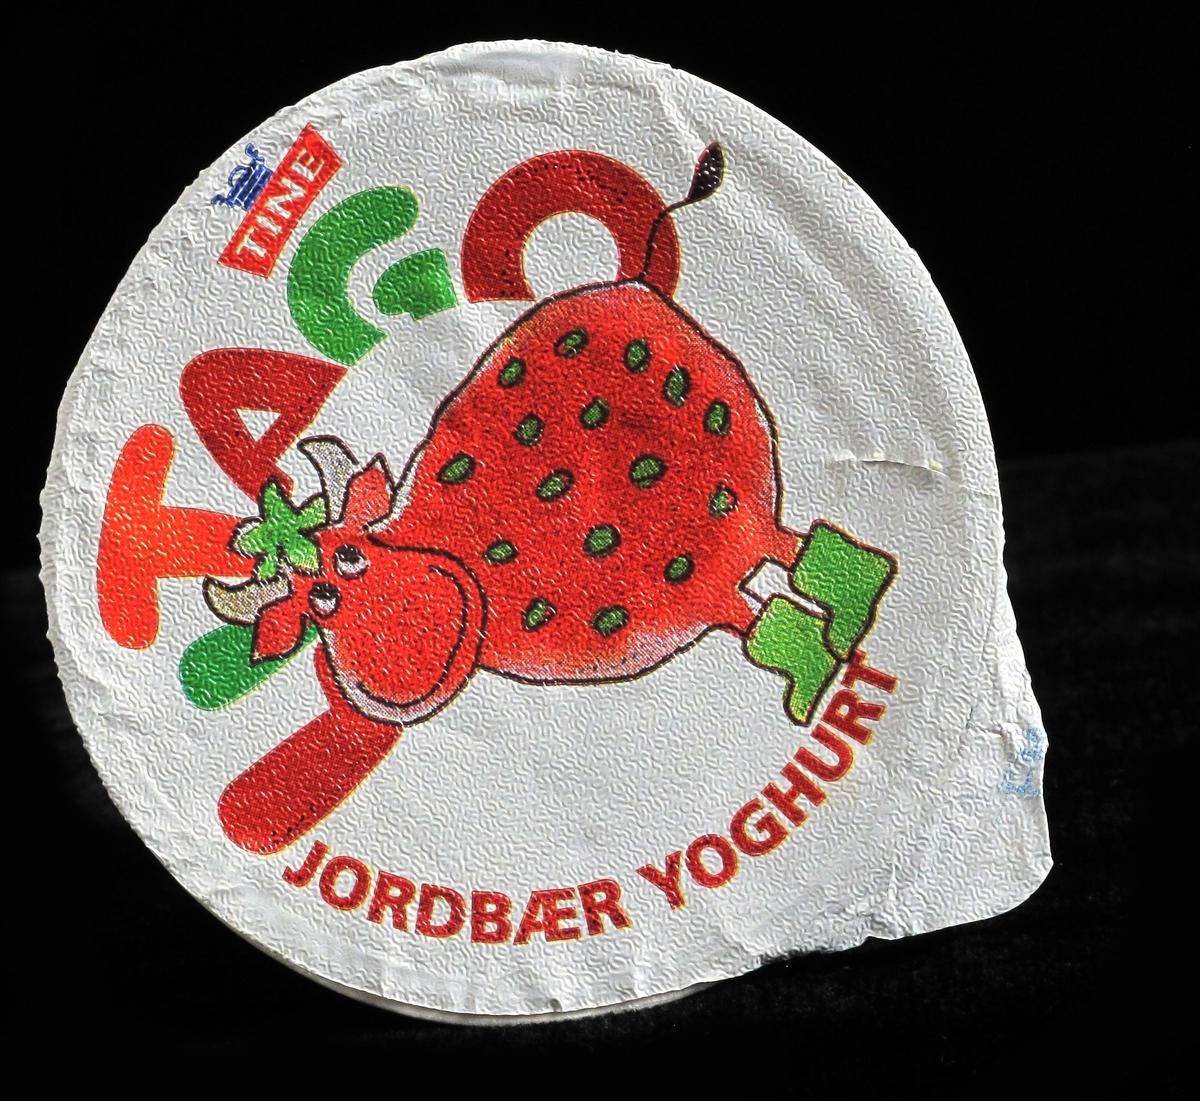 Frukt og dyr: Jordbærku.